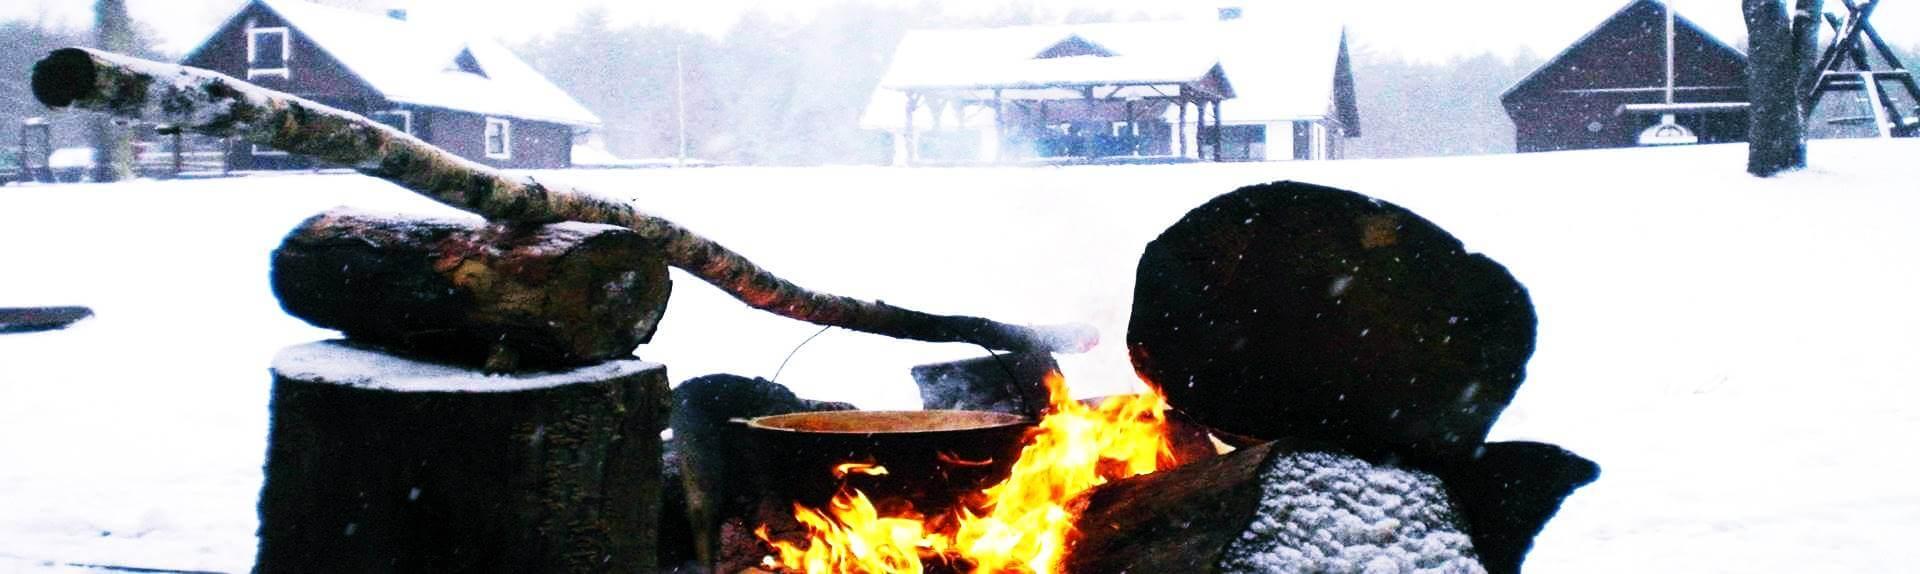 Kaimo turizmo sodybos nuoma žiemą Dzūkijoje -